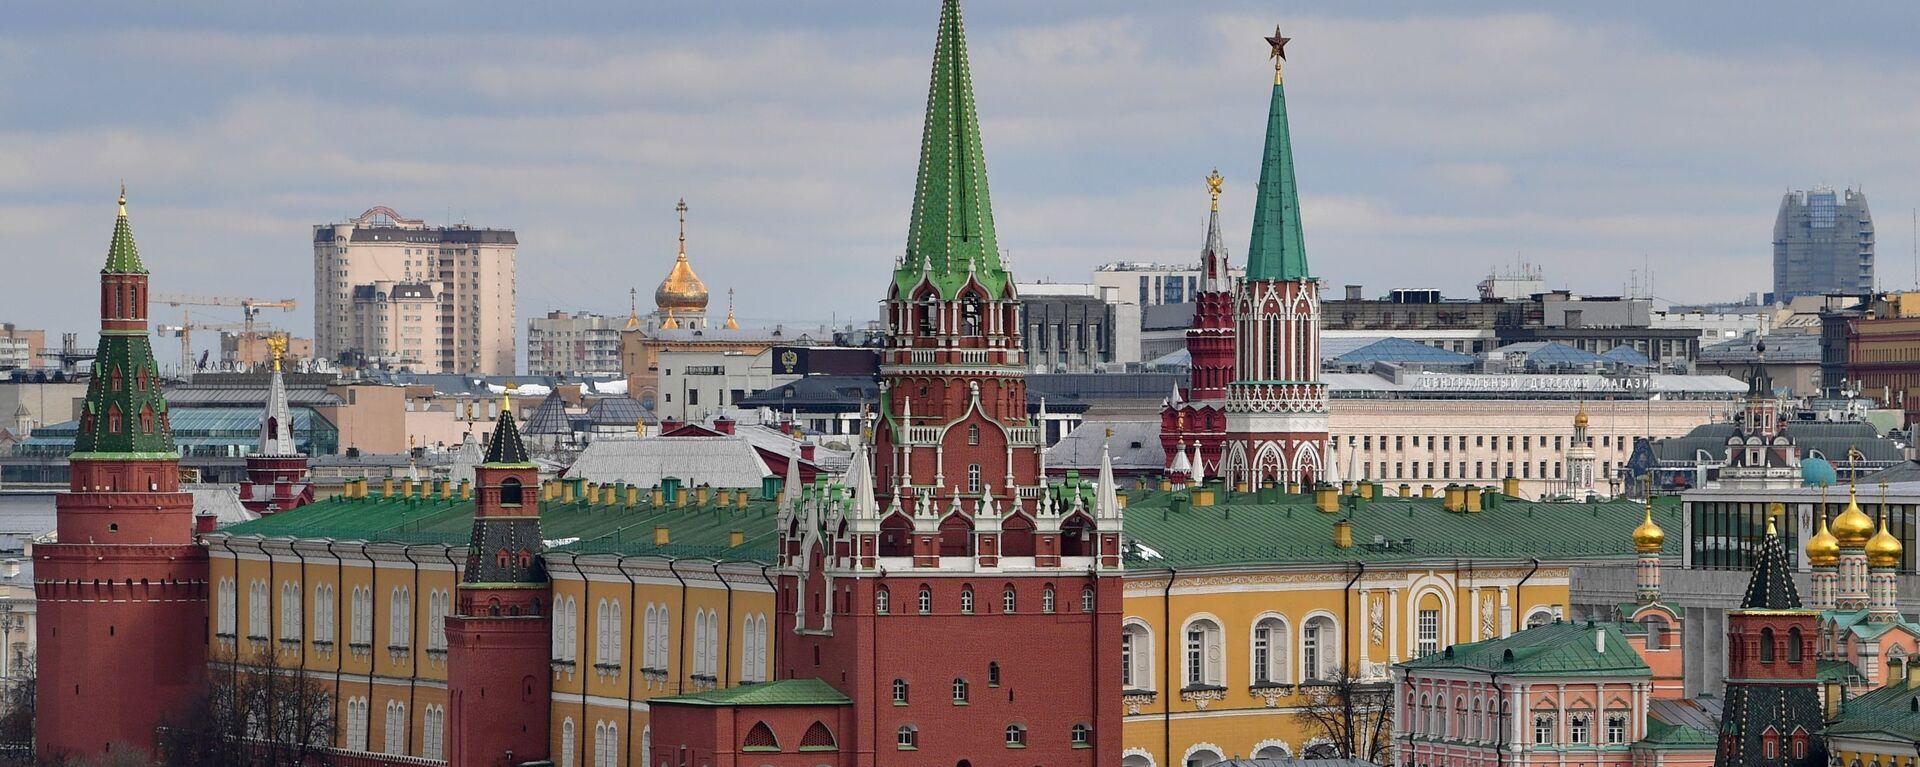 Pohled na Kreml v Moskvě - Sputnik Česká republika, 1920, 14.04.2021